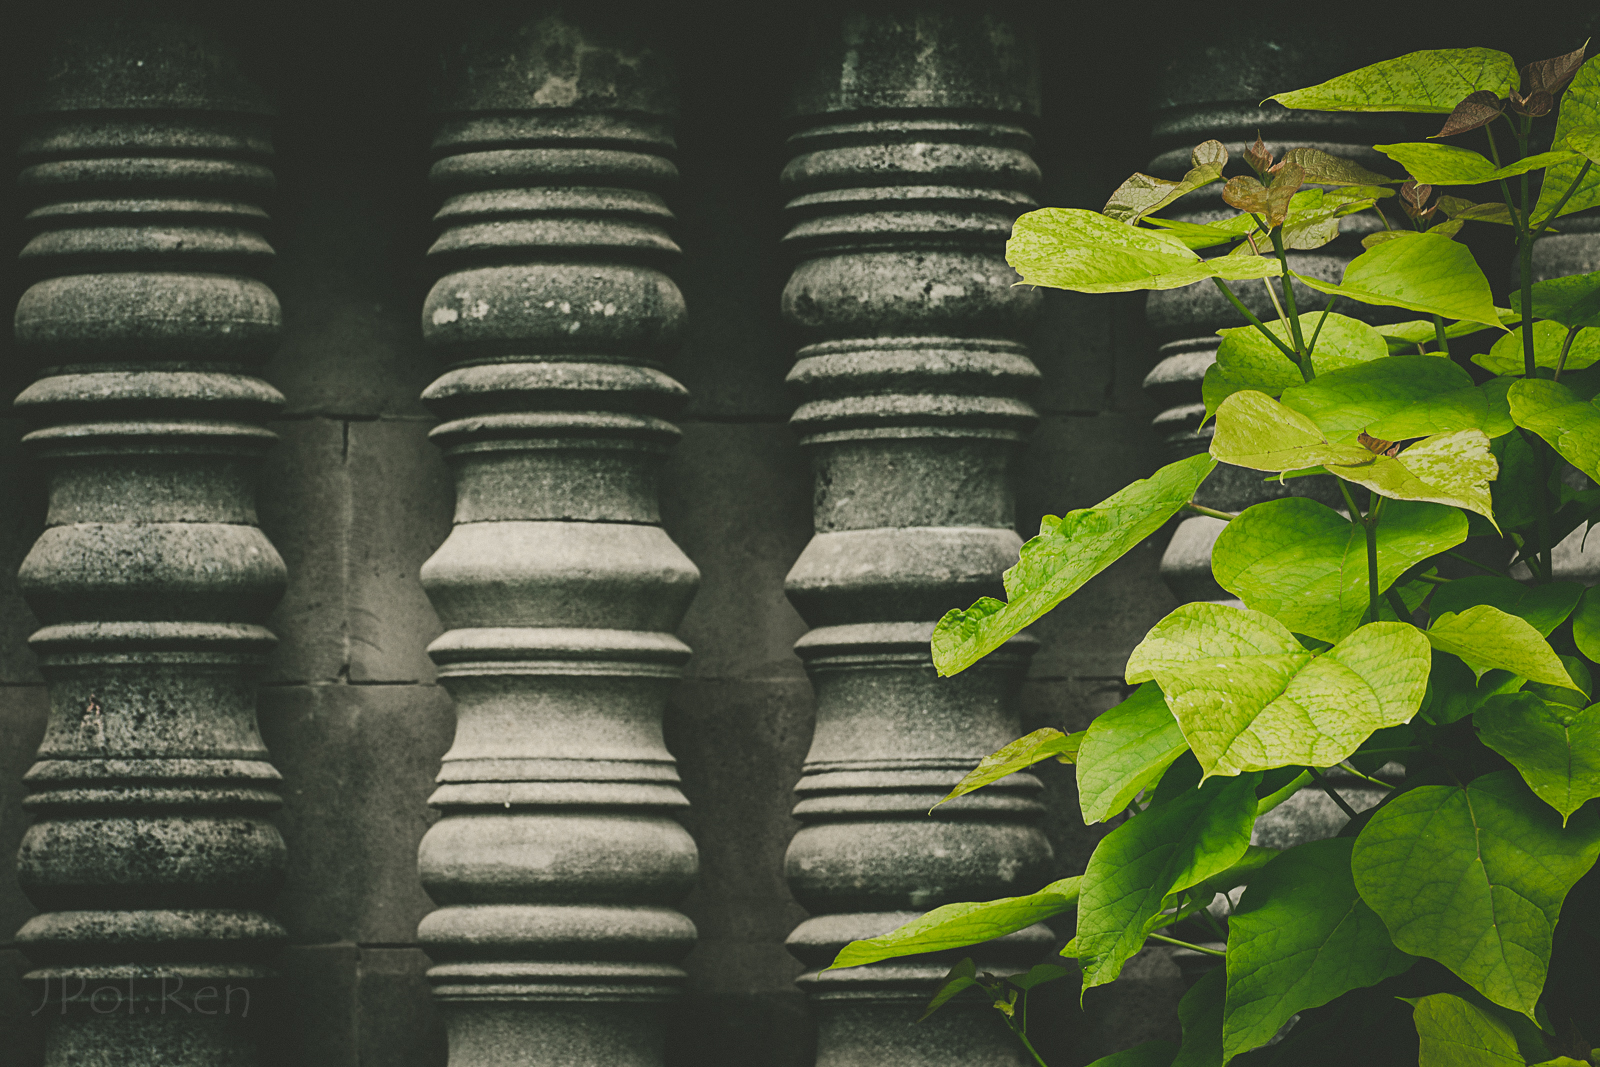 Sortie Pairi Daisa - 18/06/16 - Photos de paysages 498393FF18par0605